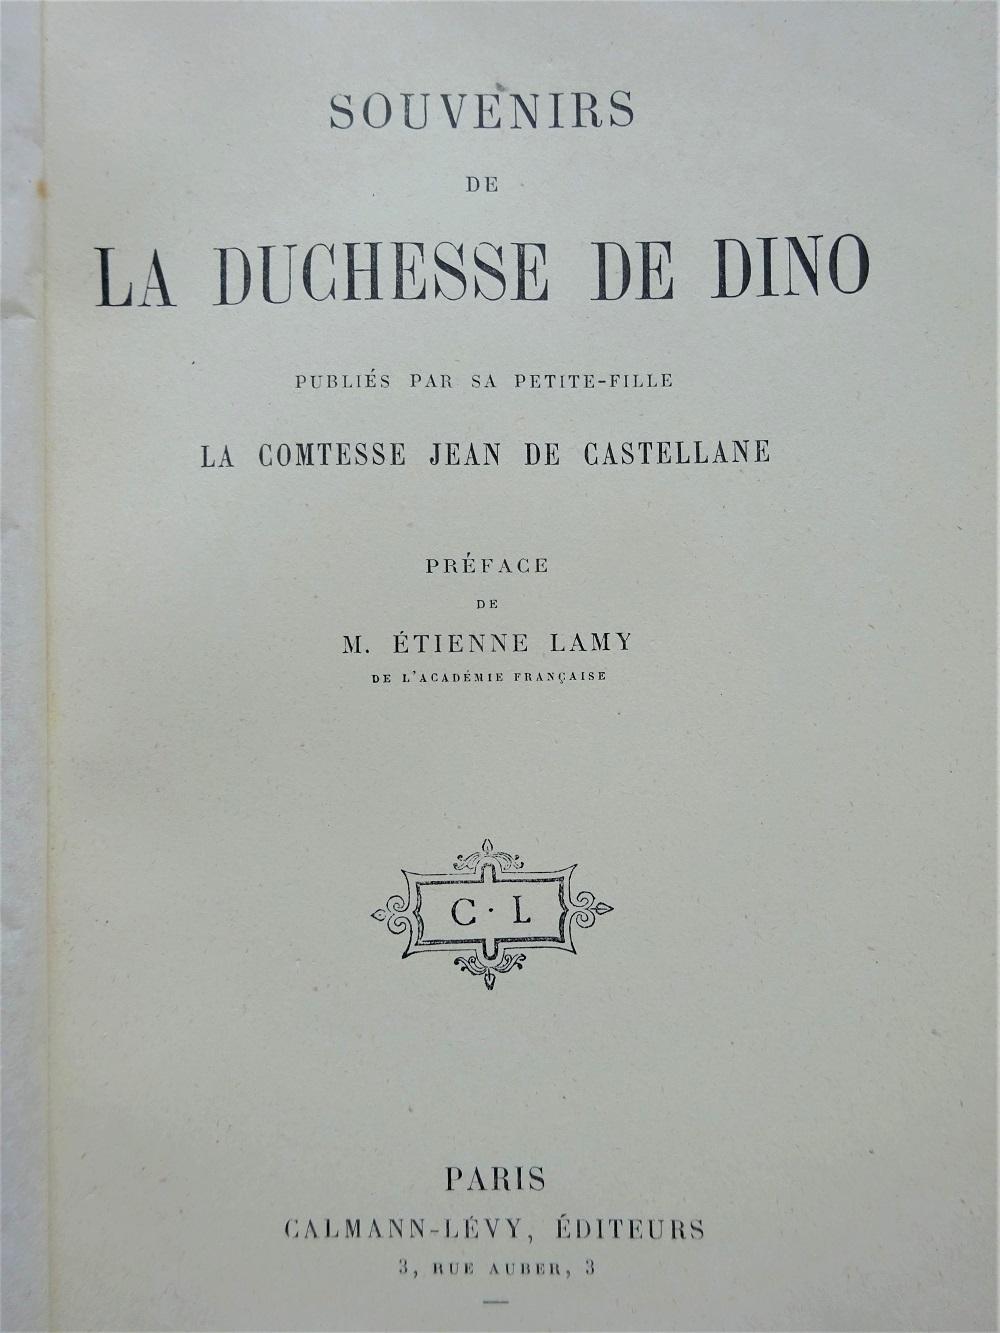 Souvenirs de la duchesse de Dino publiés par sa petite-fille la comtesse Jean de Castellane